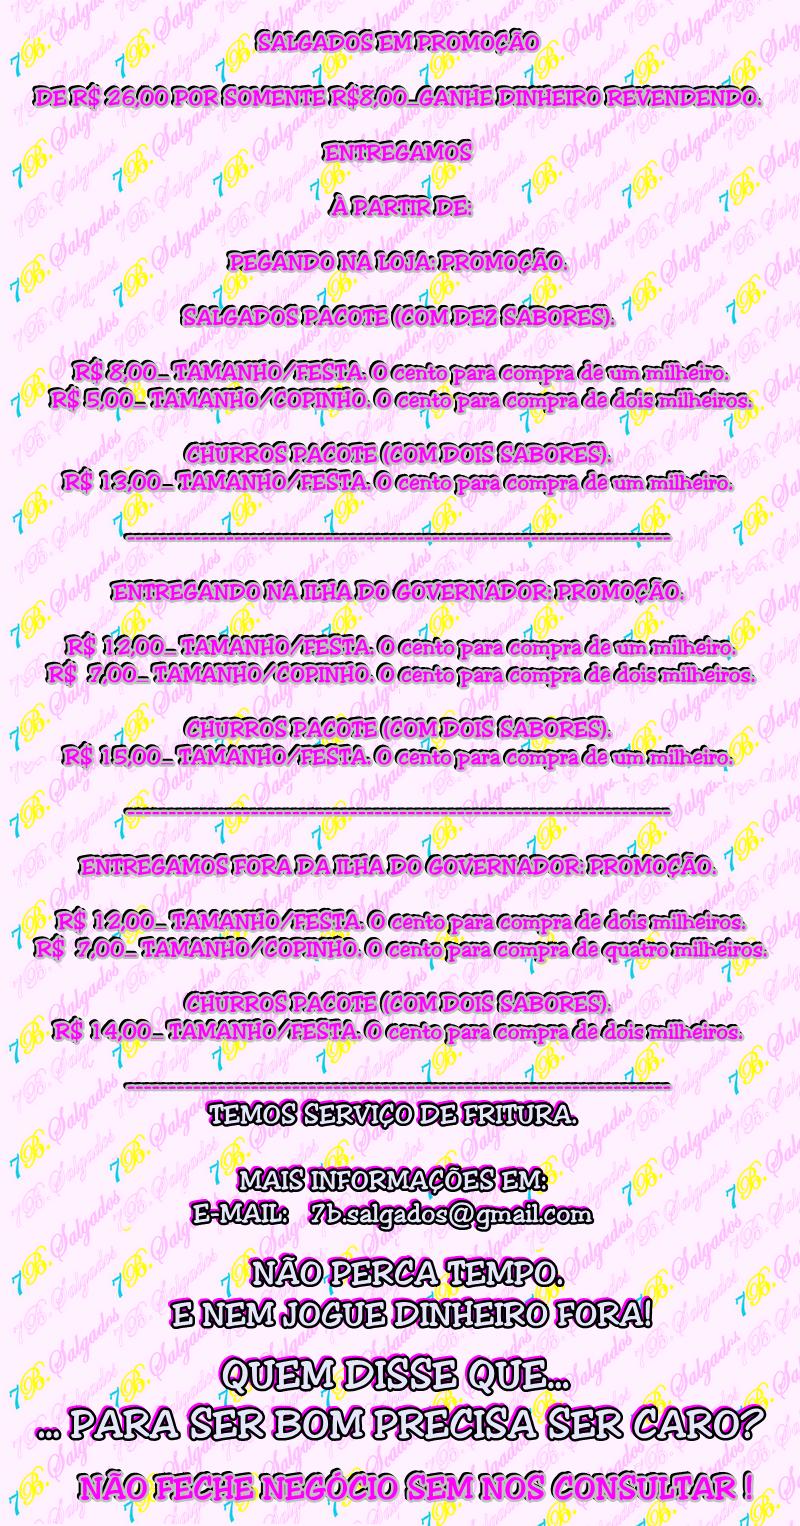 Tabela, Promoção, 7b salgados